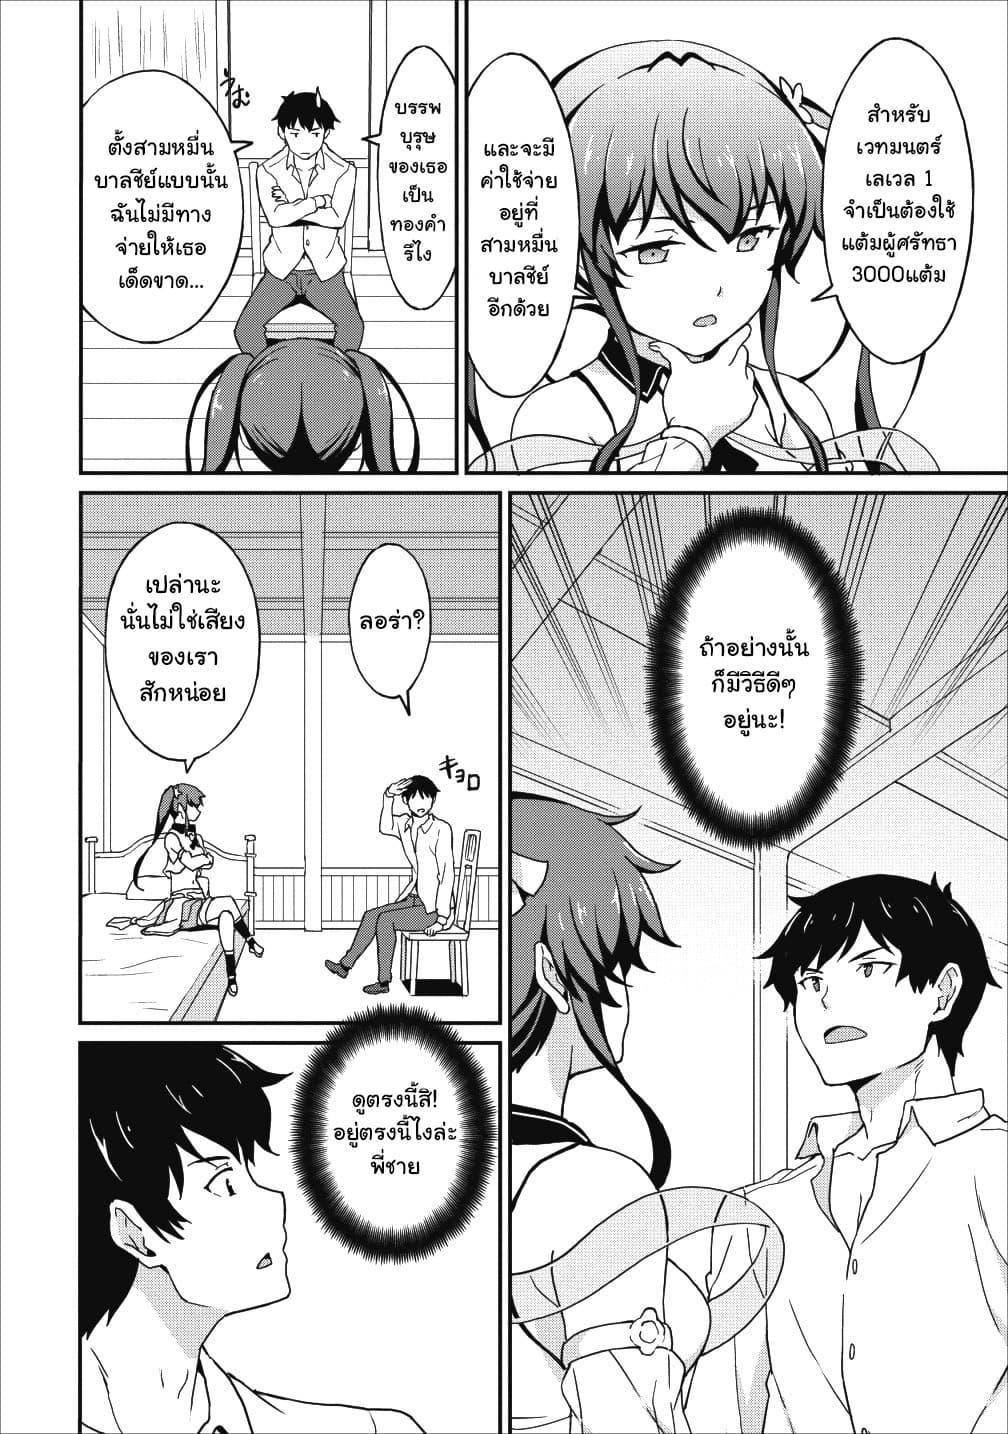 อ่านการ์ตูน Taberu Dake de Level-Up! Damegami to Issho ni Isekai Musou ตอนที่ 9 หน้าที่ 17